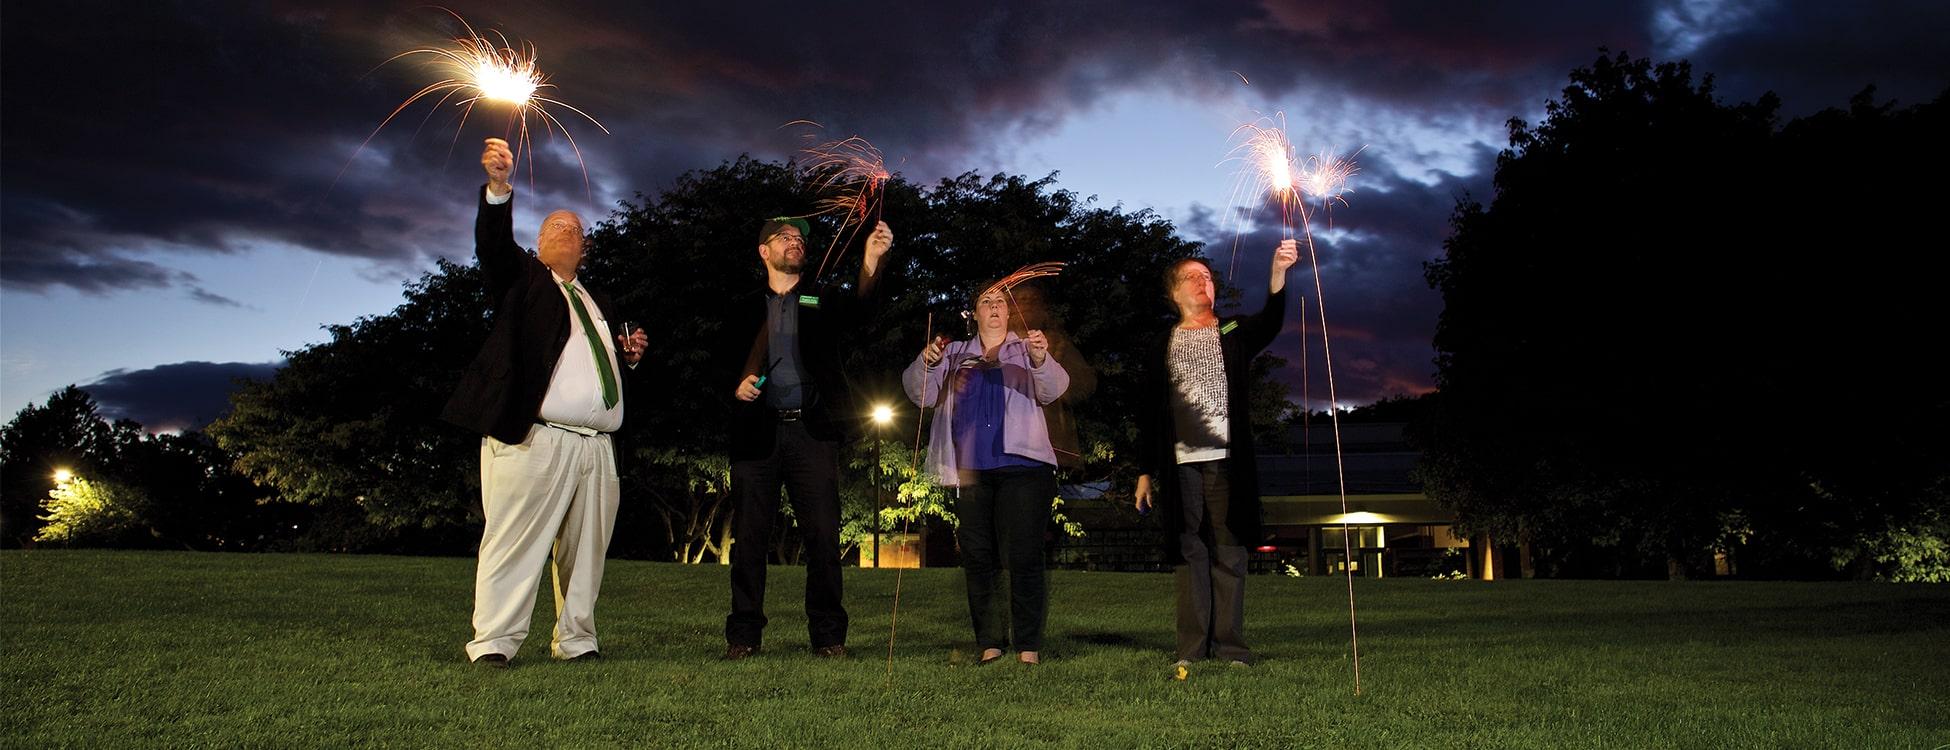 alumni, homecoming, sparklers, night, fun